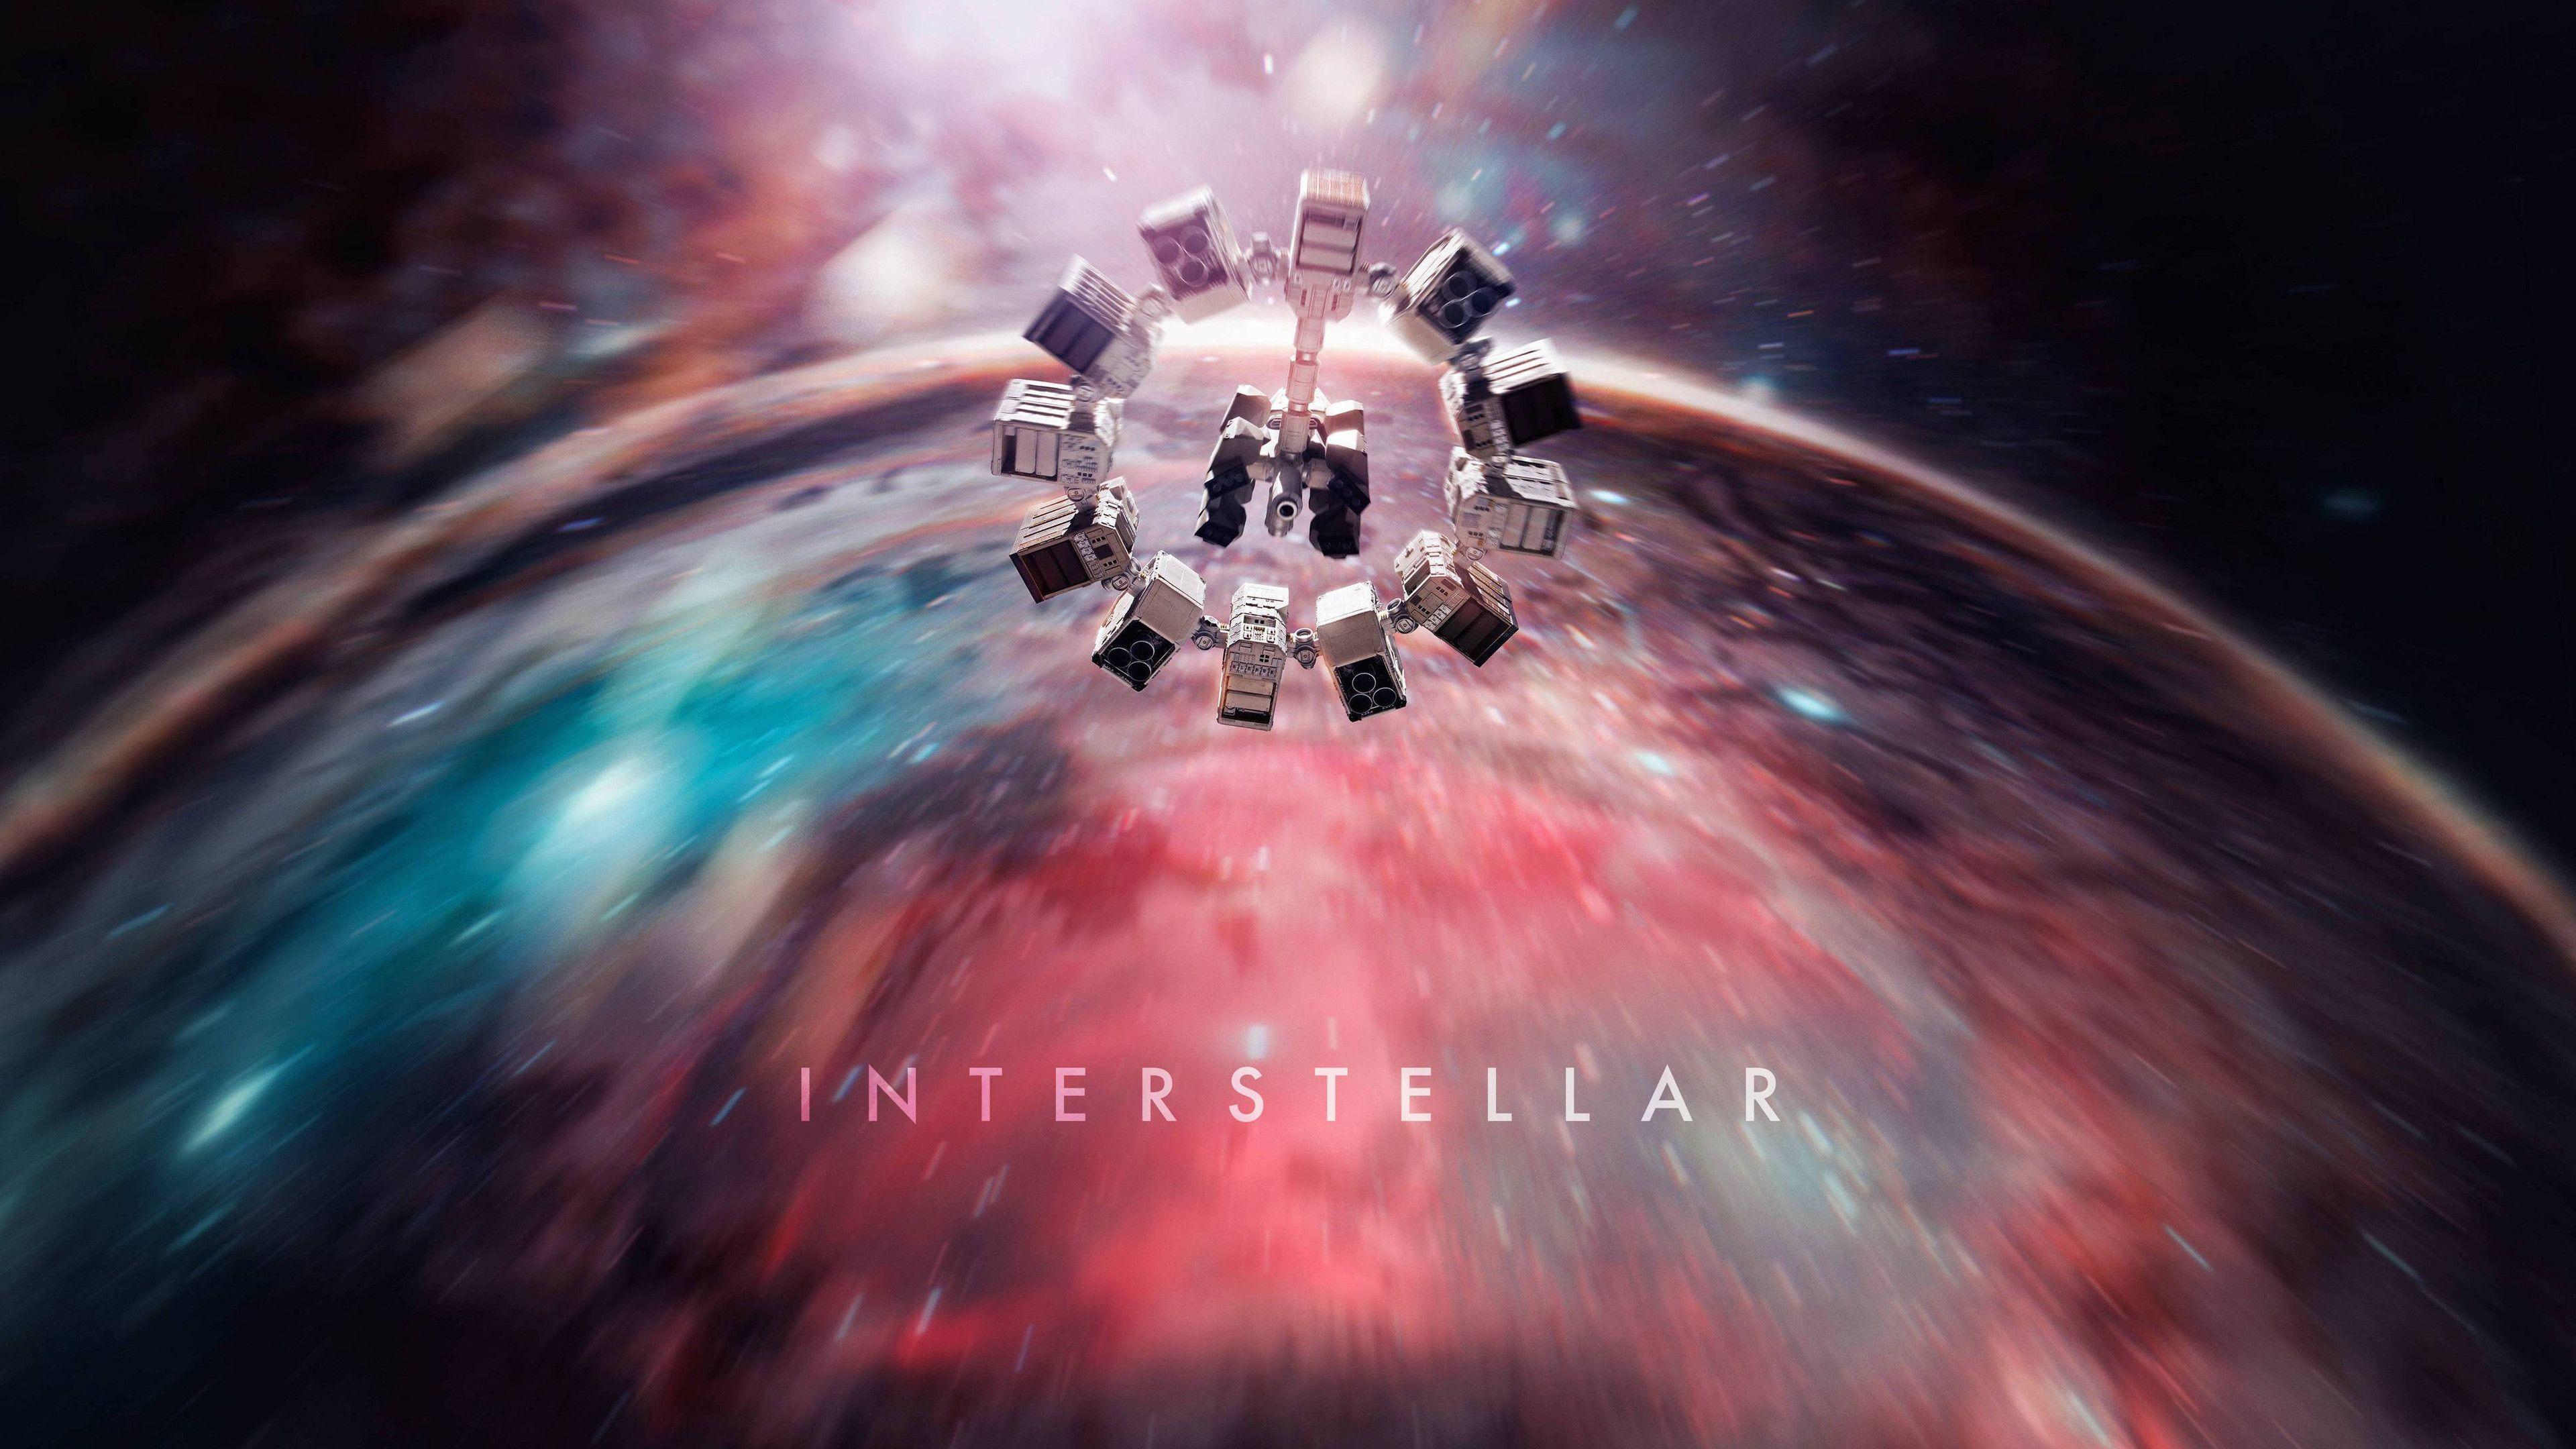 3840x2160 Interstellar Endurance Interstellar Interstellar Movie Hans Zimmer